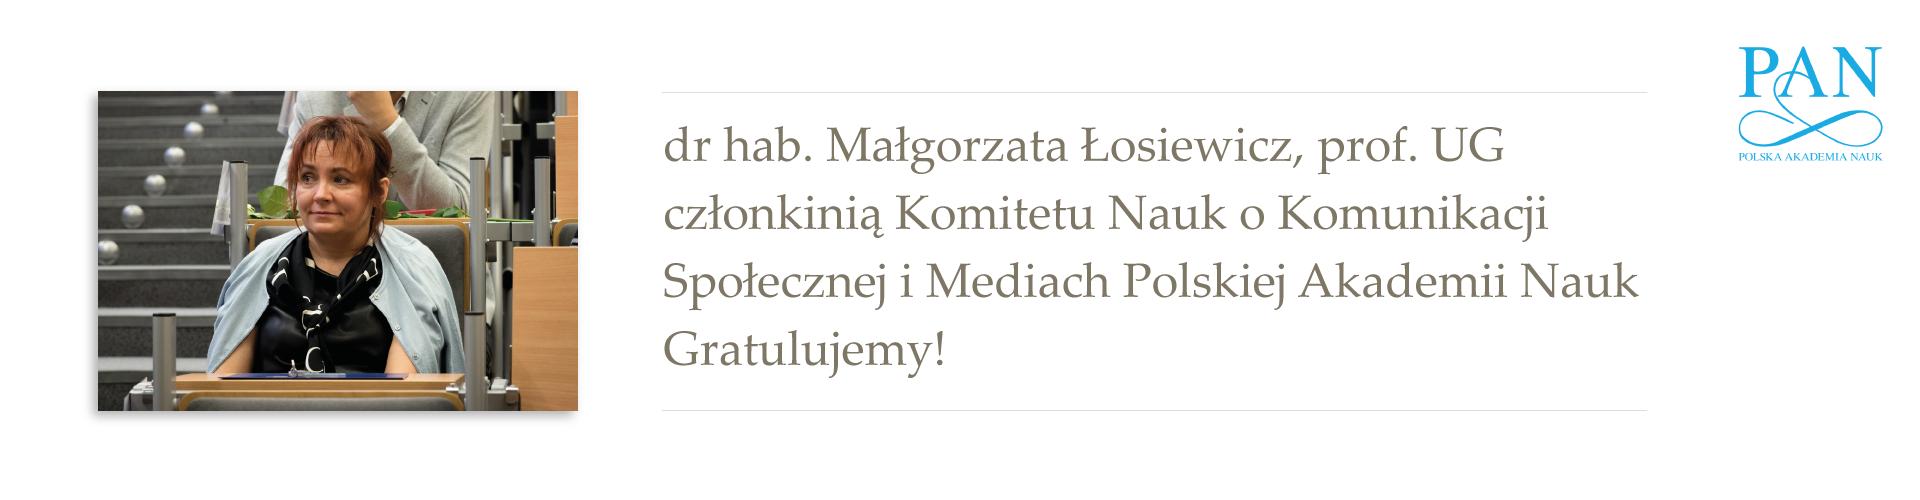 dr hab. Małgorzata Łosiewicz, prof. UG członkinią Komitetu Nauk o Komunikacji Społecznej PAN